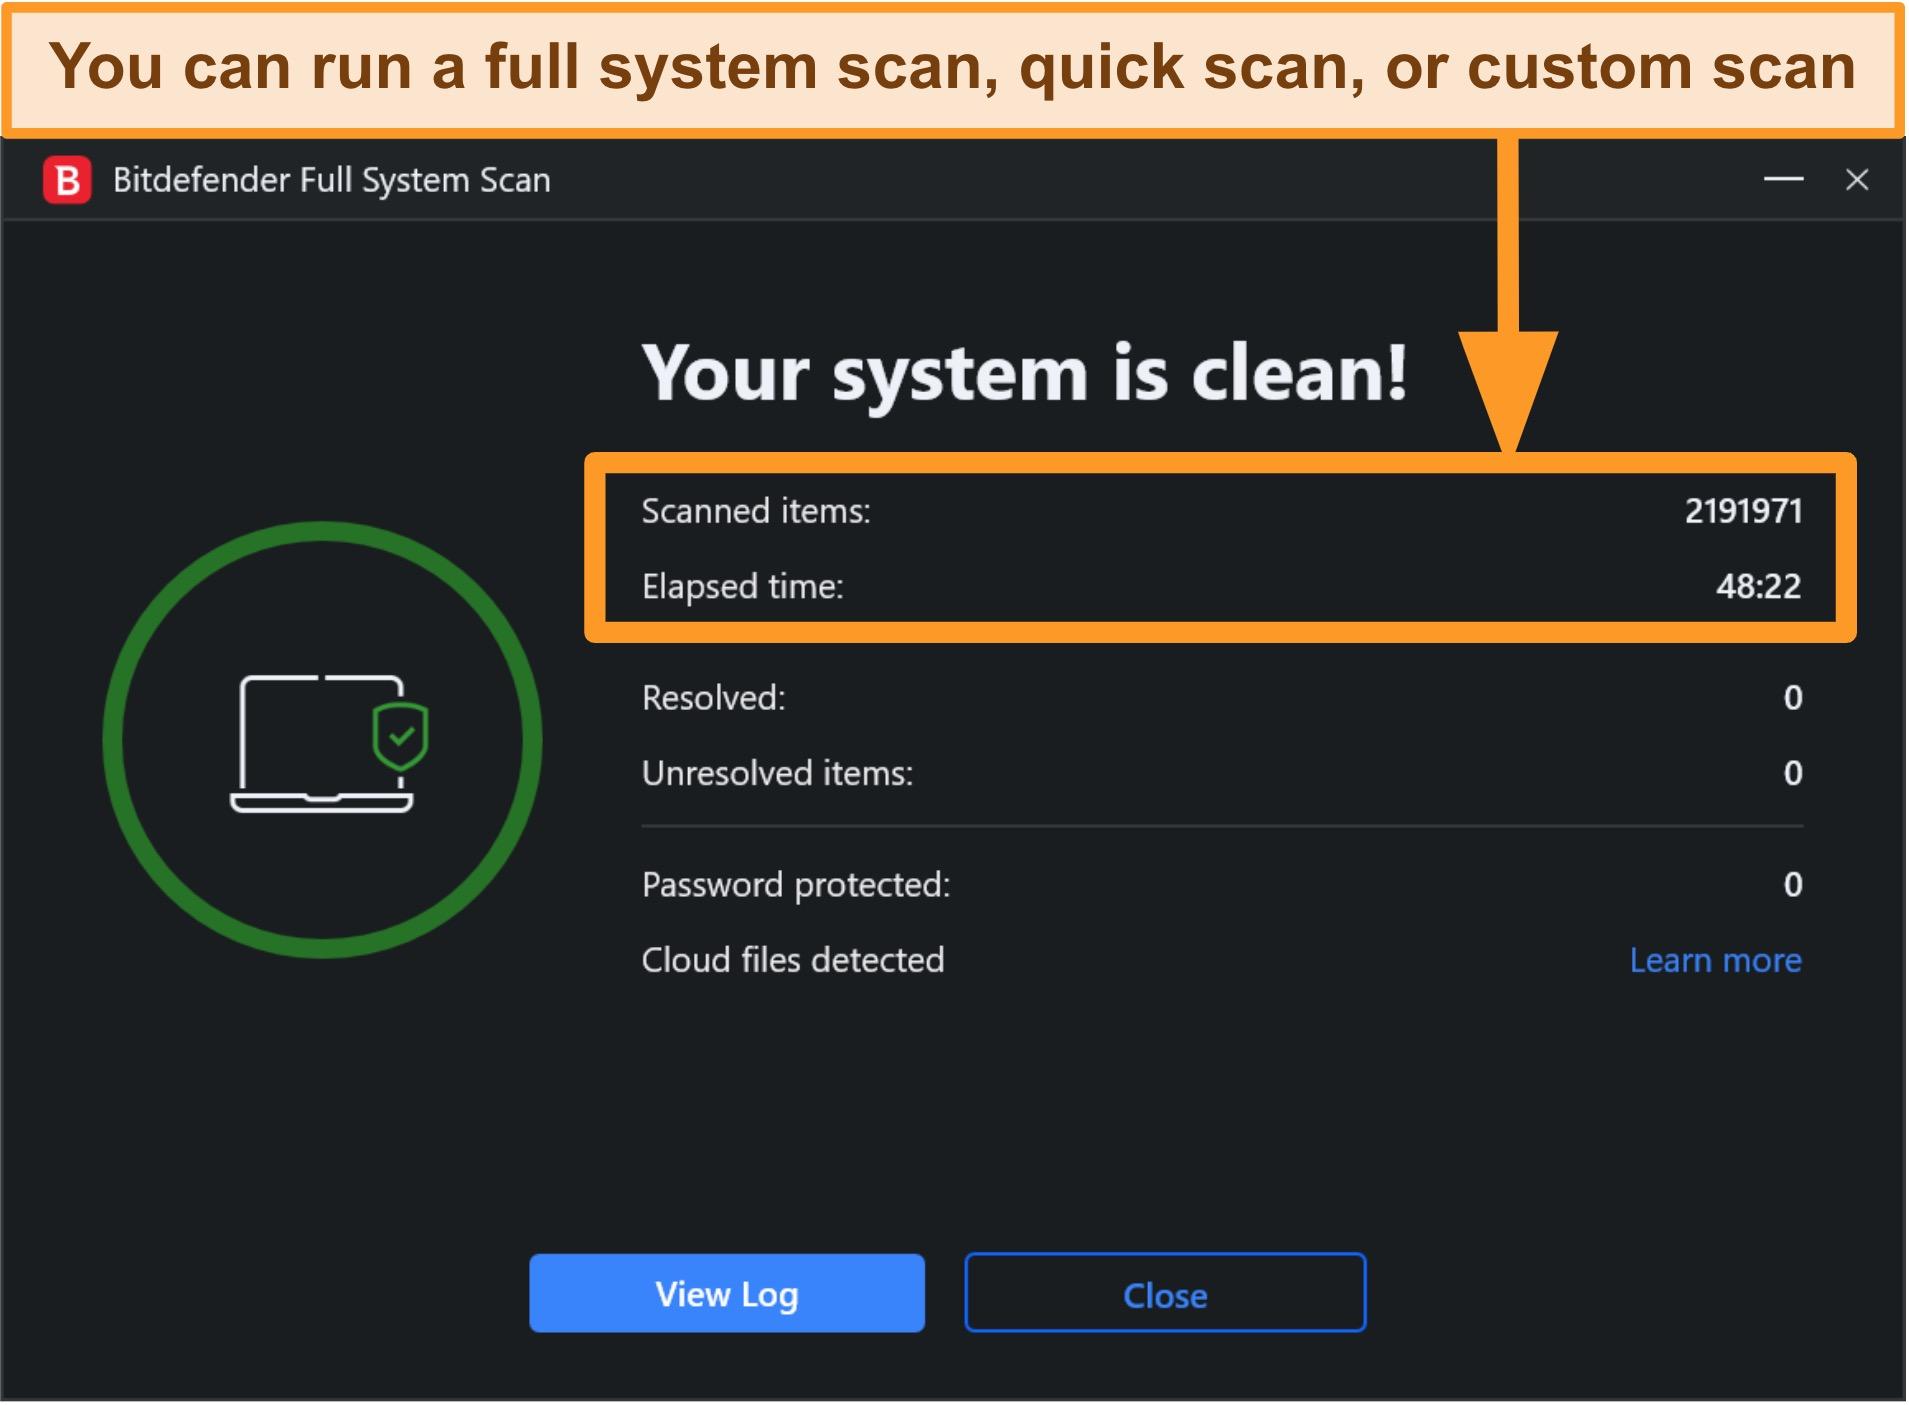 Screenshot of a completed Bitdefender system scan.